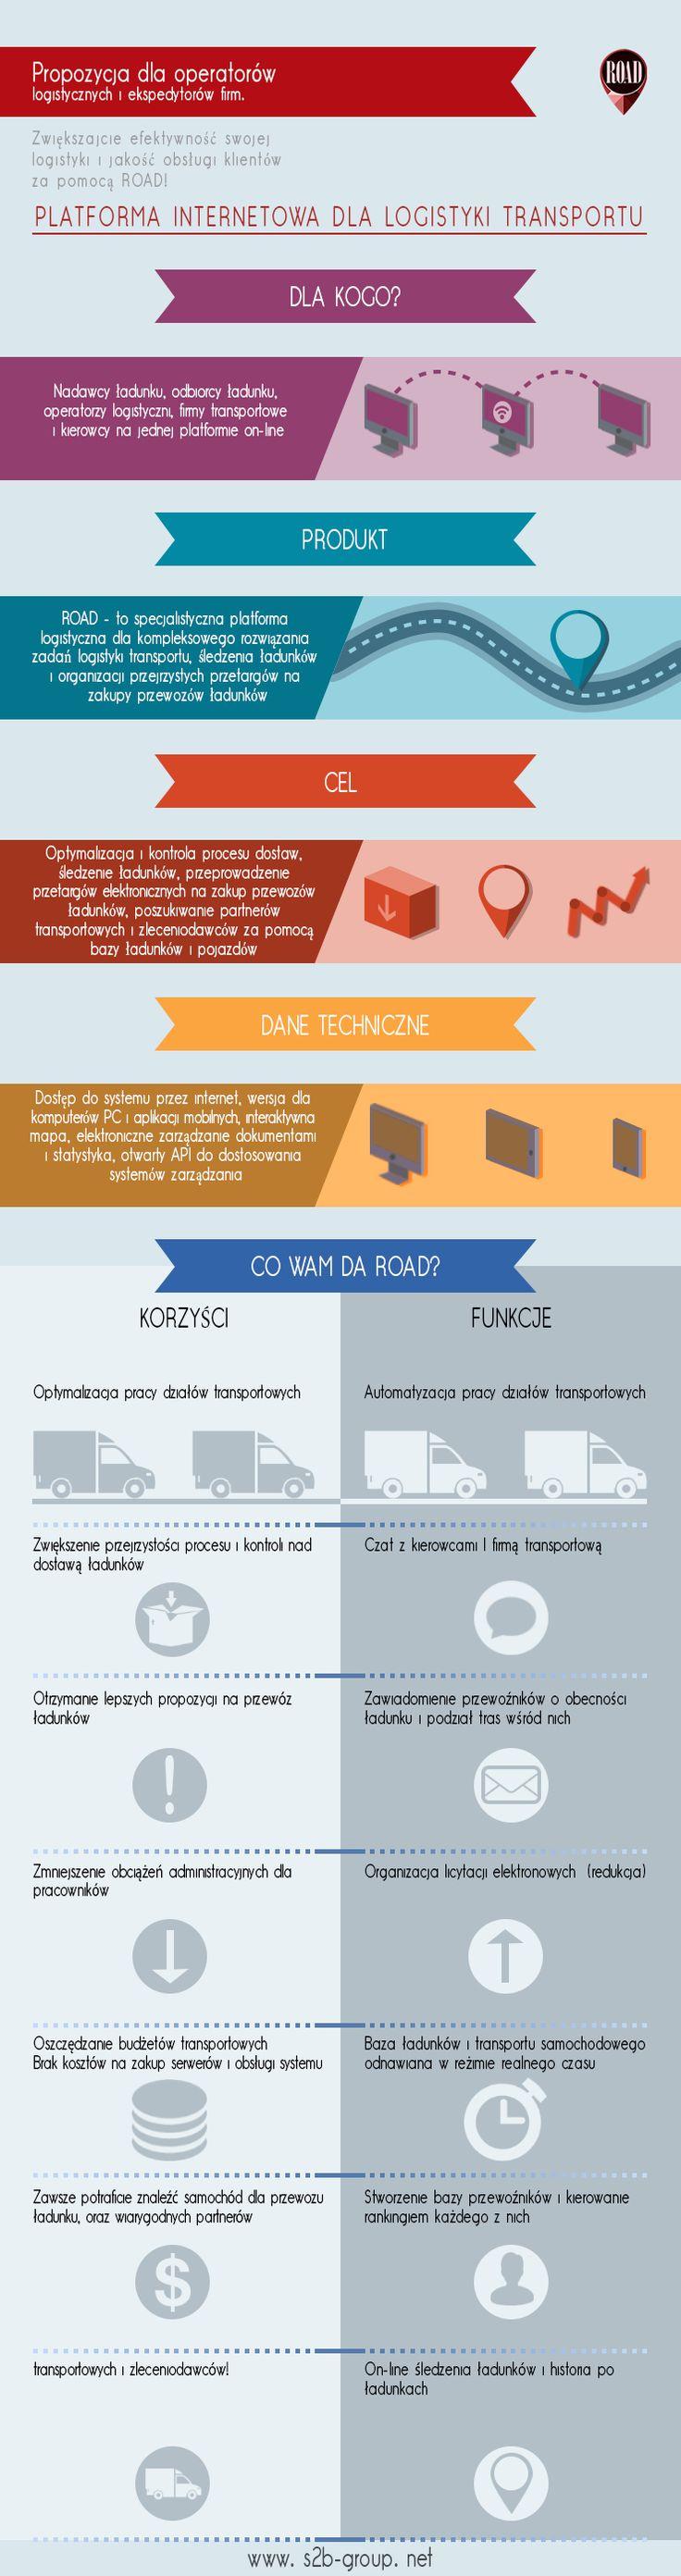 ROAD: Platforma Internetowa dla logistyki transportu. Propozycja dla OPERATORÓW LOGISTYCZNYCH. #logistics #supplychain #scm #s2bgroup #road #TMS